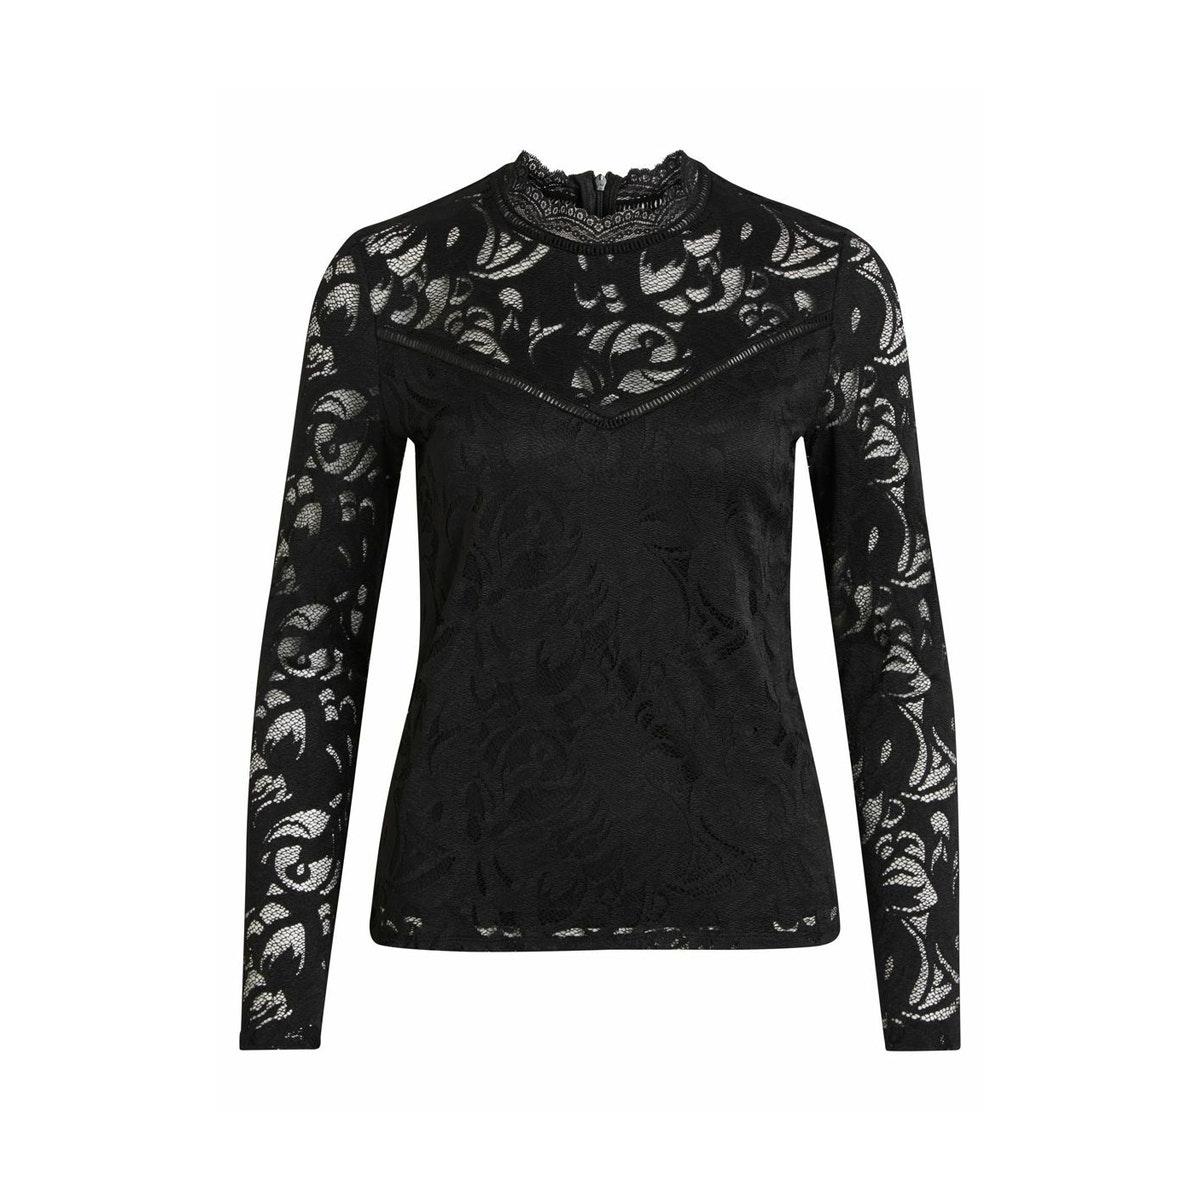 vistasia l/s lace top-noos 14041864 vila blouse black